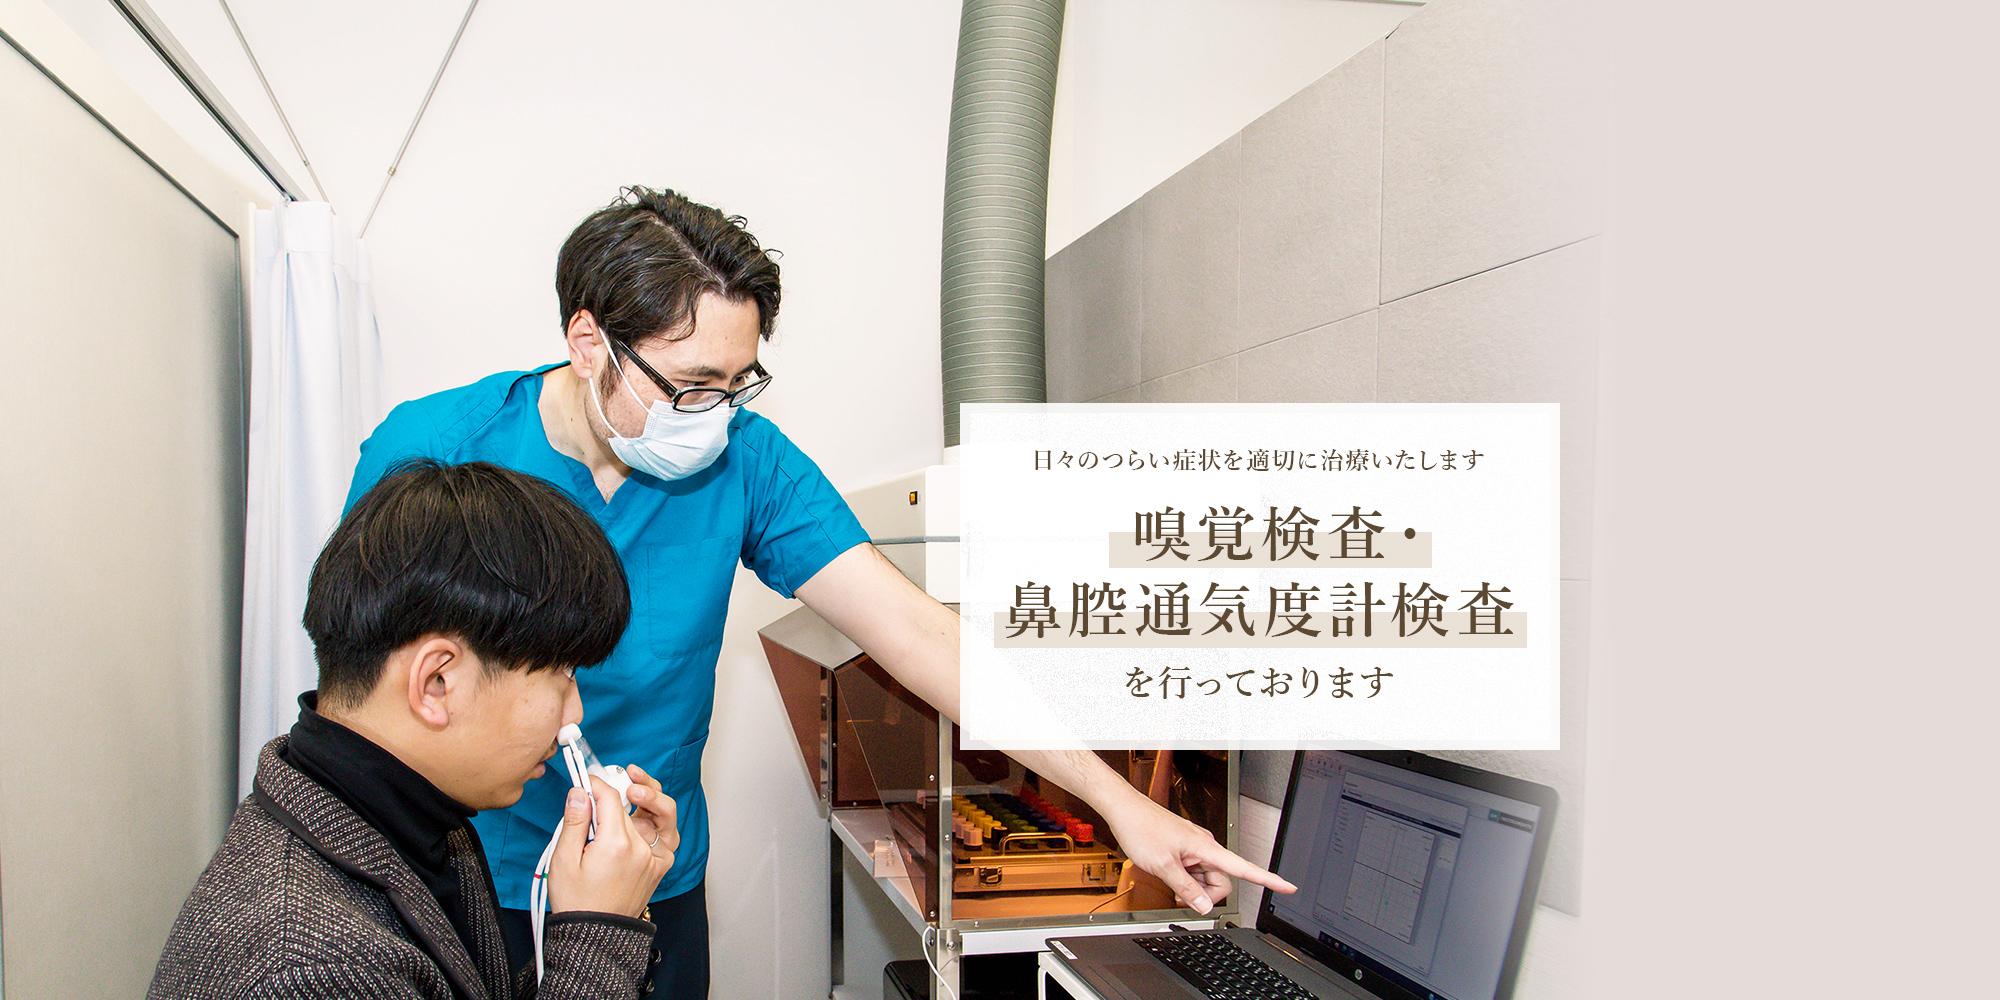 日々のつらい症状を適切に治療いたします 嗅覚検査・鼻腔通気度計検査を行っております